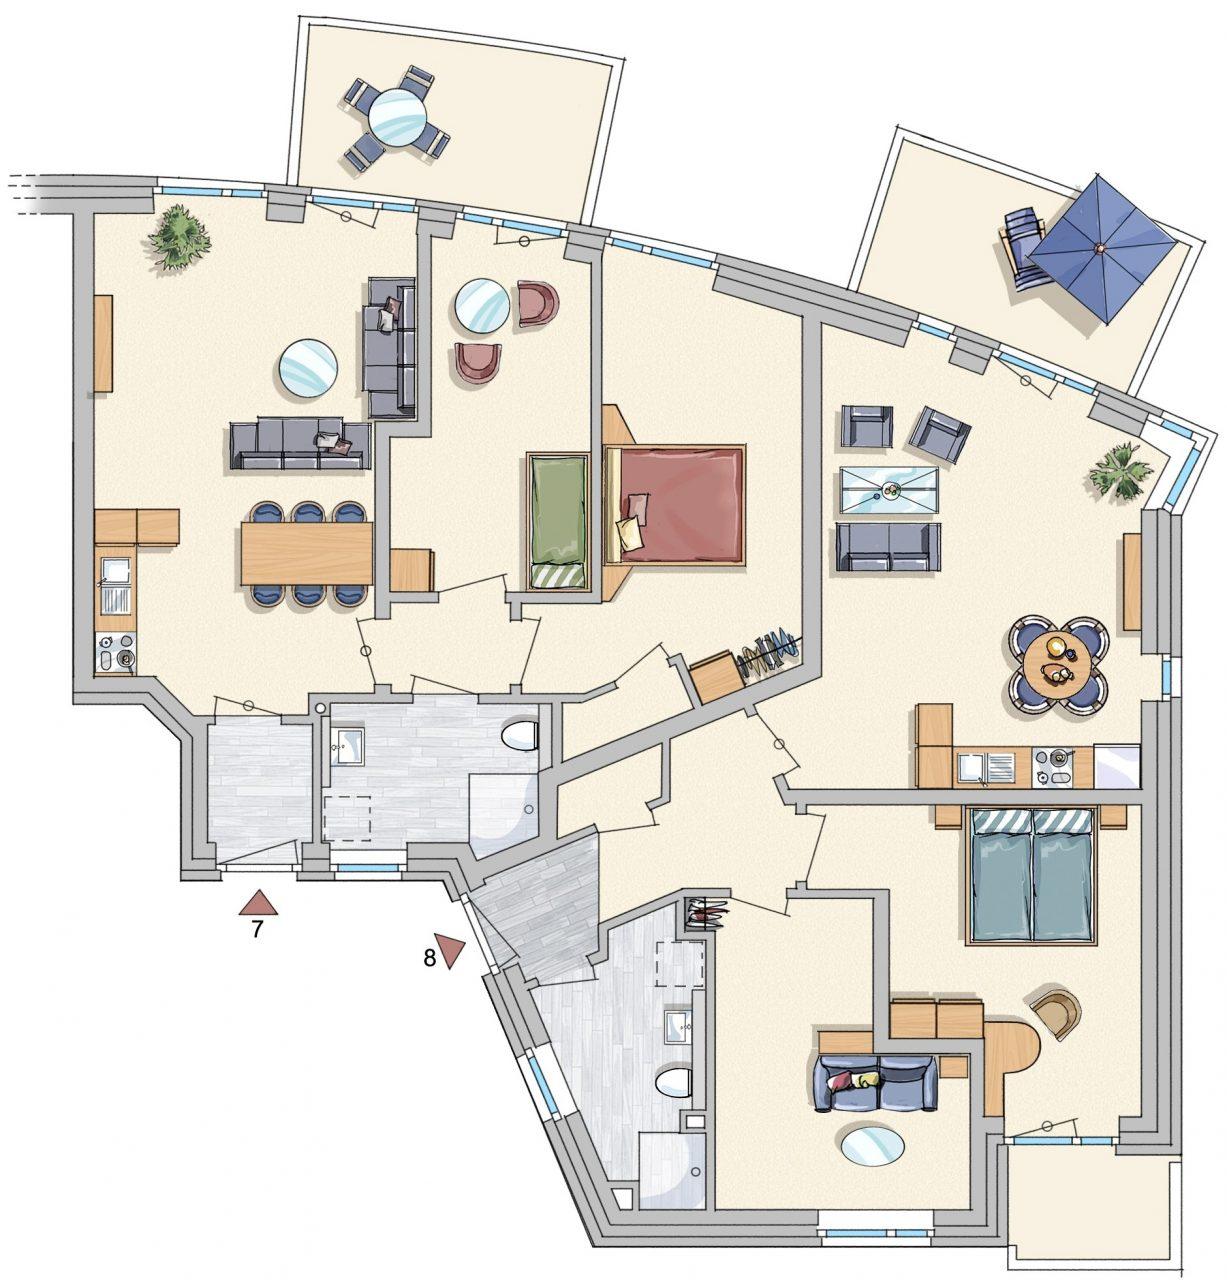 Grundrisse der Wohnungen 7, 8, Wohnungen 3, 4, 11 und 12 im Hochparterre und Staffelgeschoss etwa baugleich